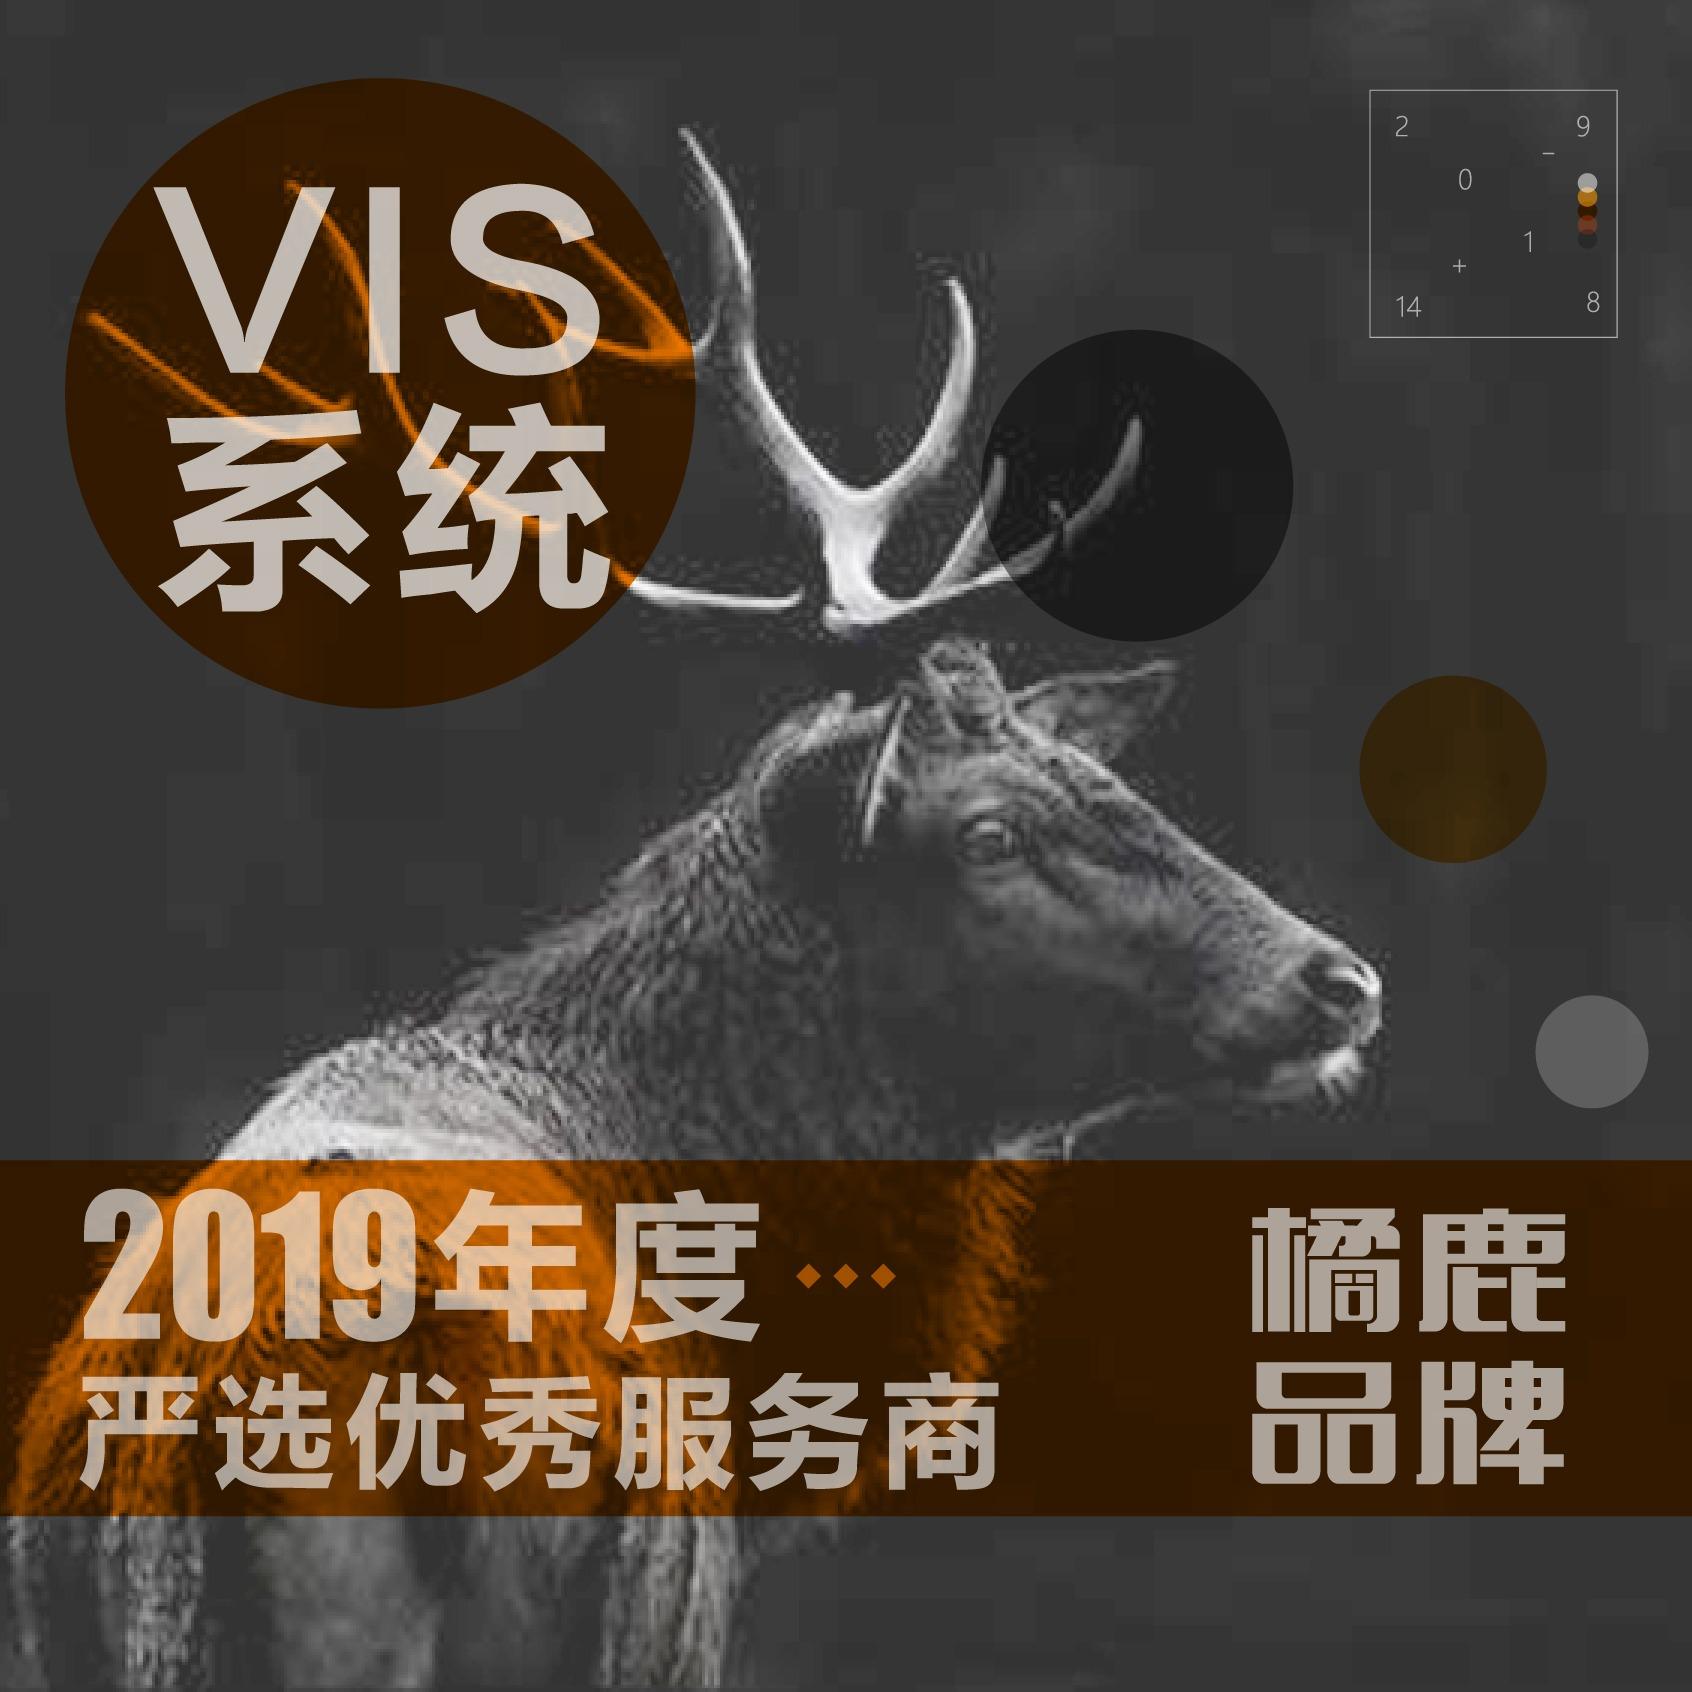 【橘鹿品牌】金融餐饮医疗工业办公导视车体VIS系统标志设计